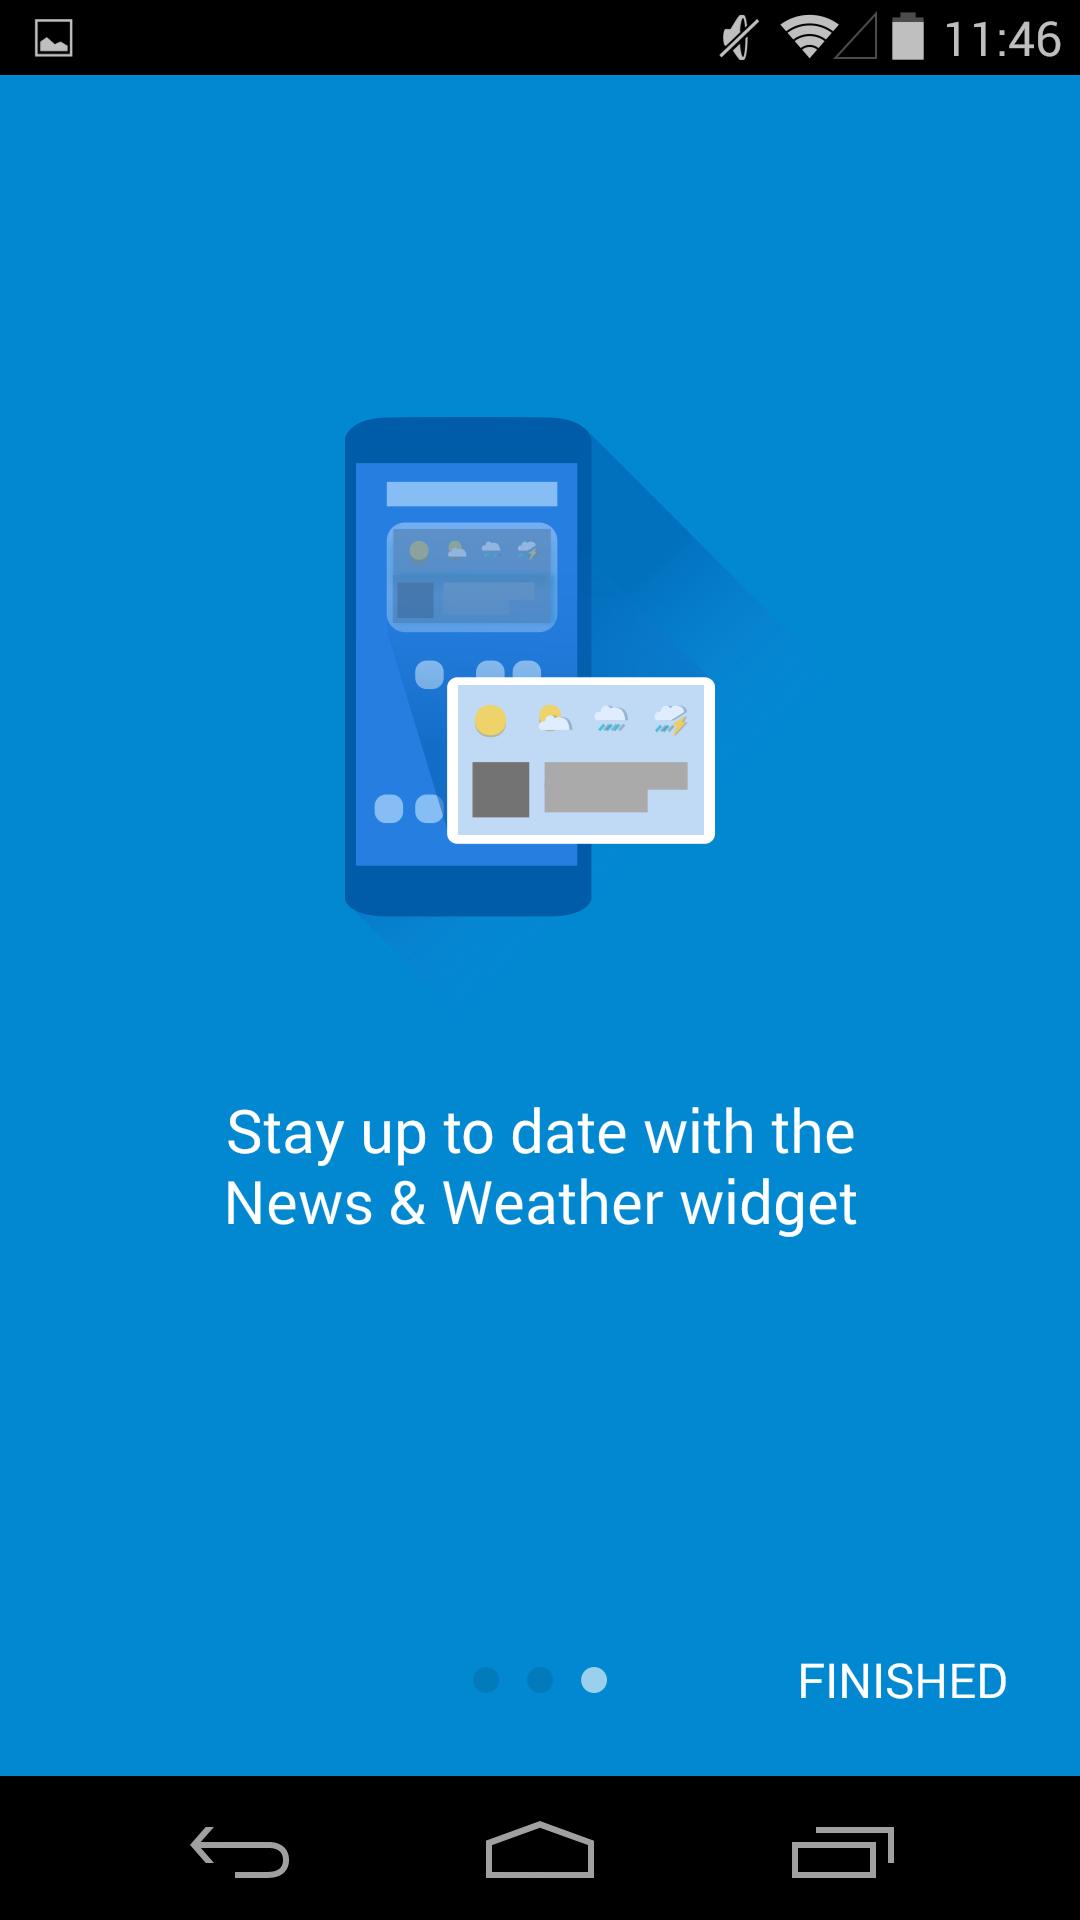 приложение новости скачать